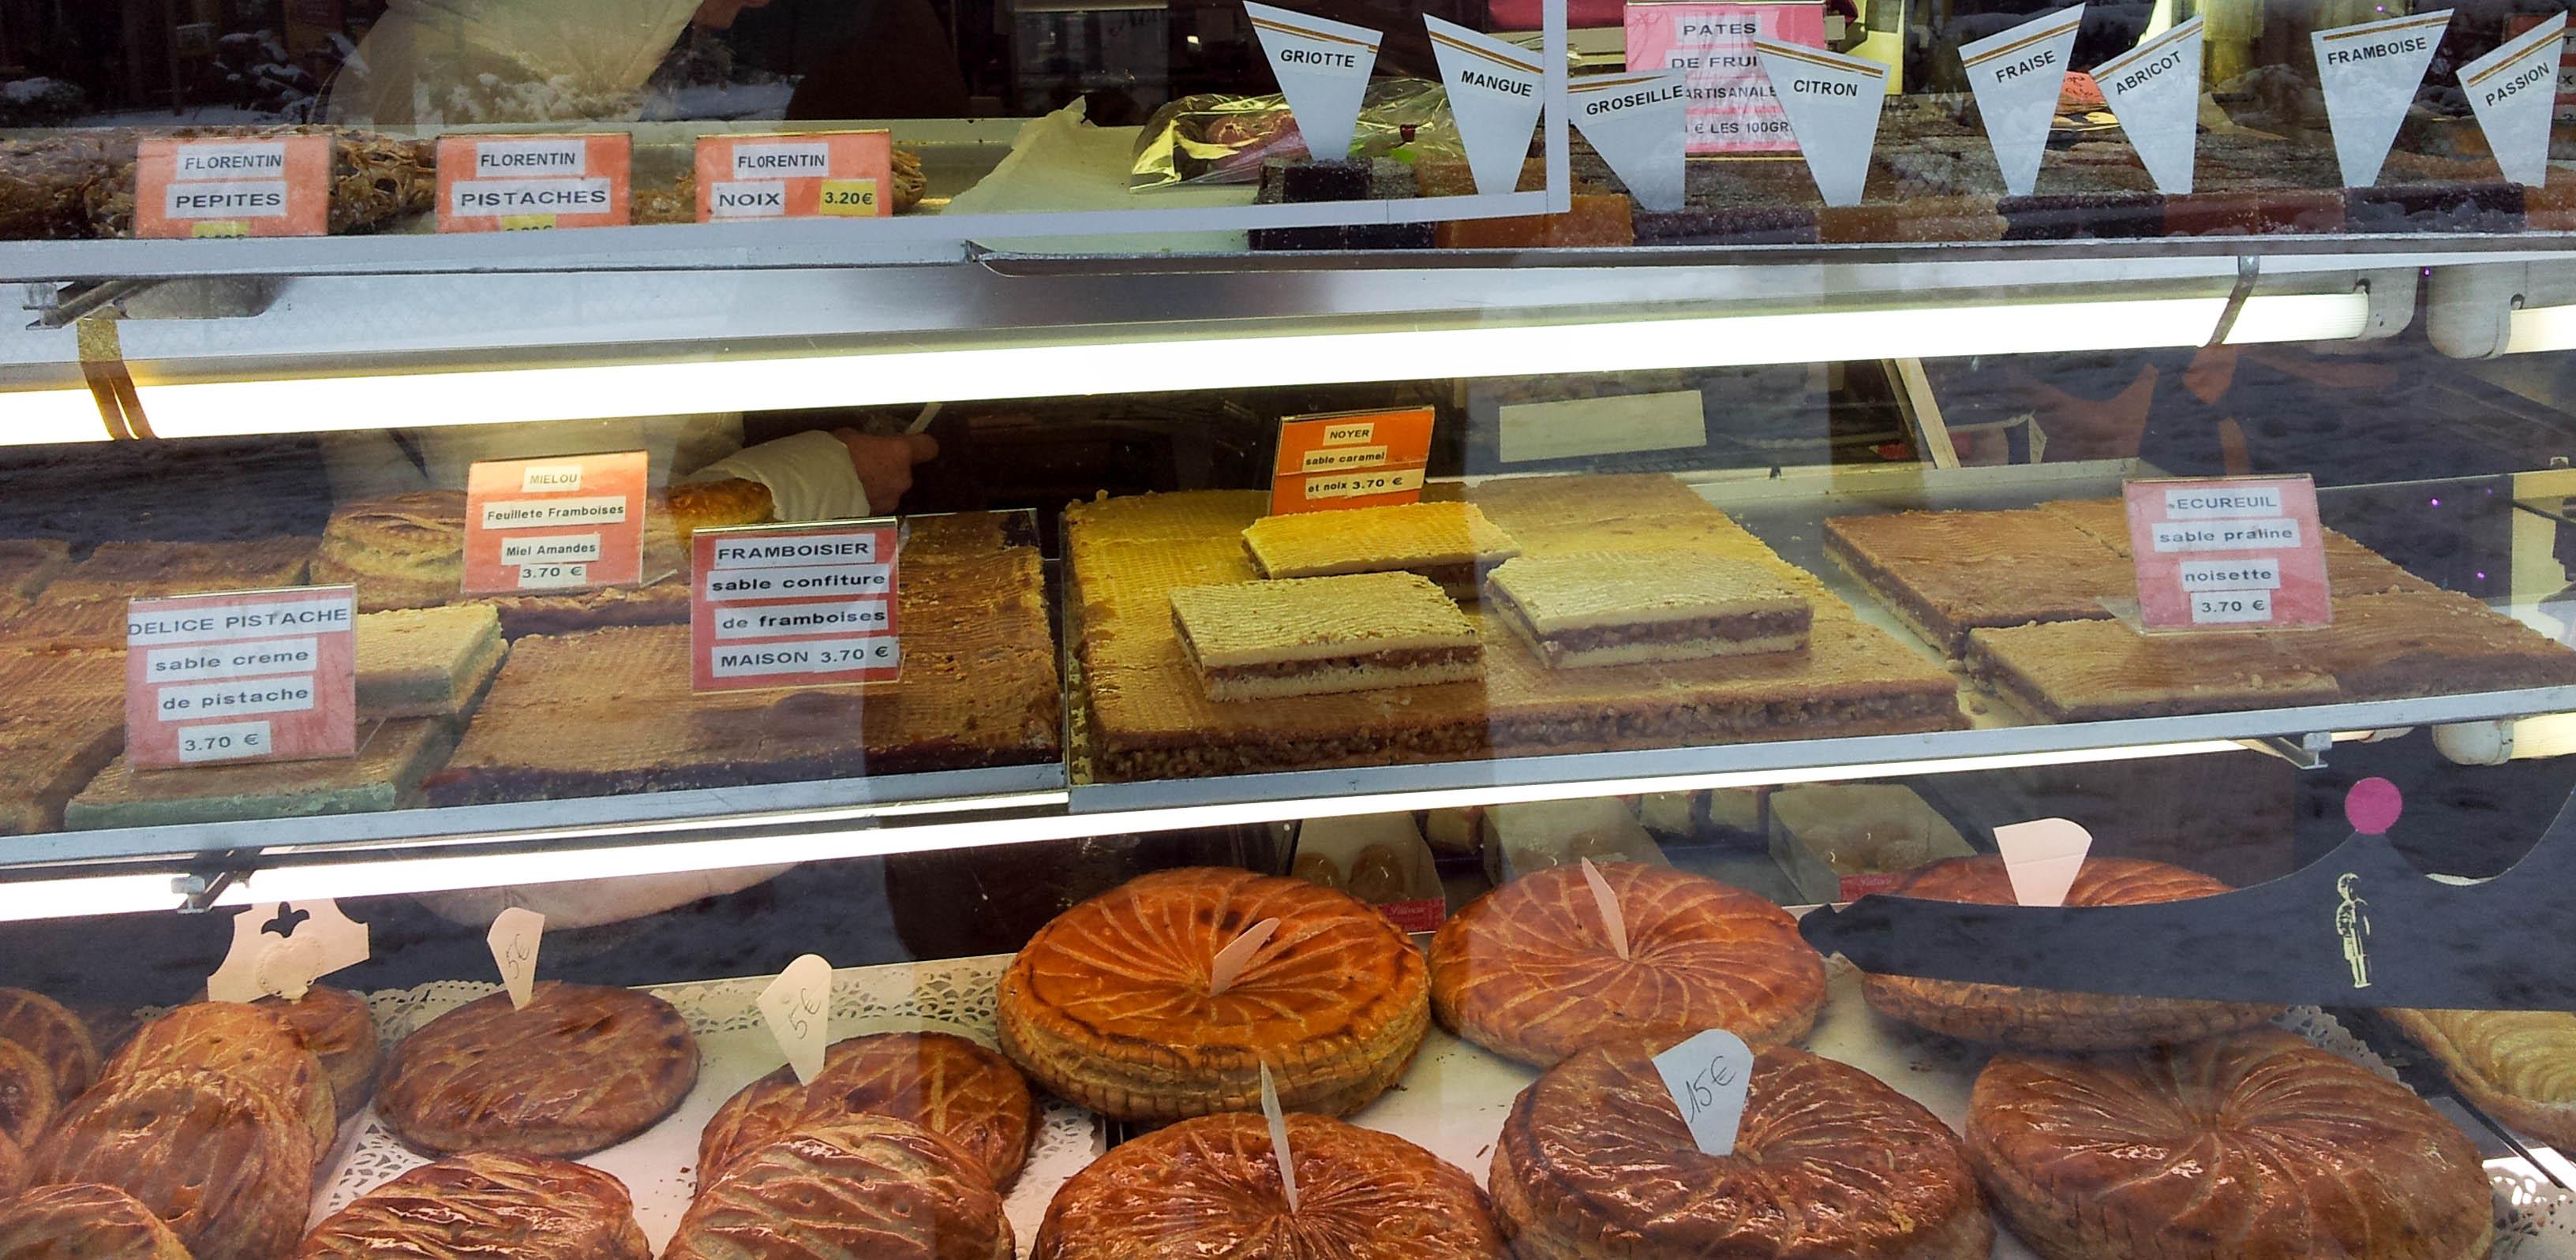 Boulangerie asselin paris 13 sous les sabl s la plage painrisien - Journal de la patisserie ...